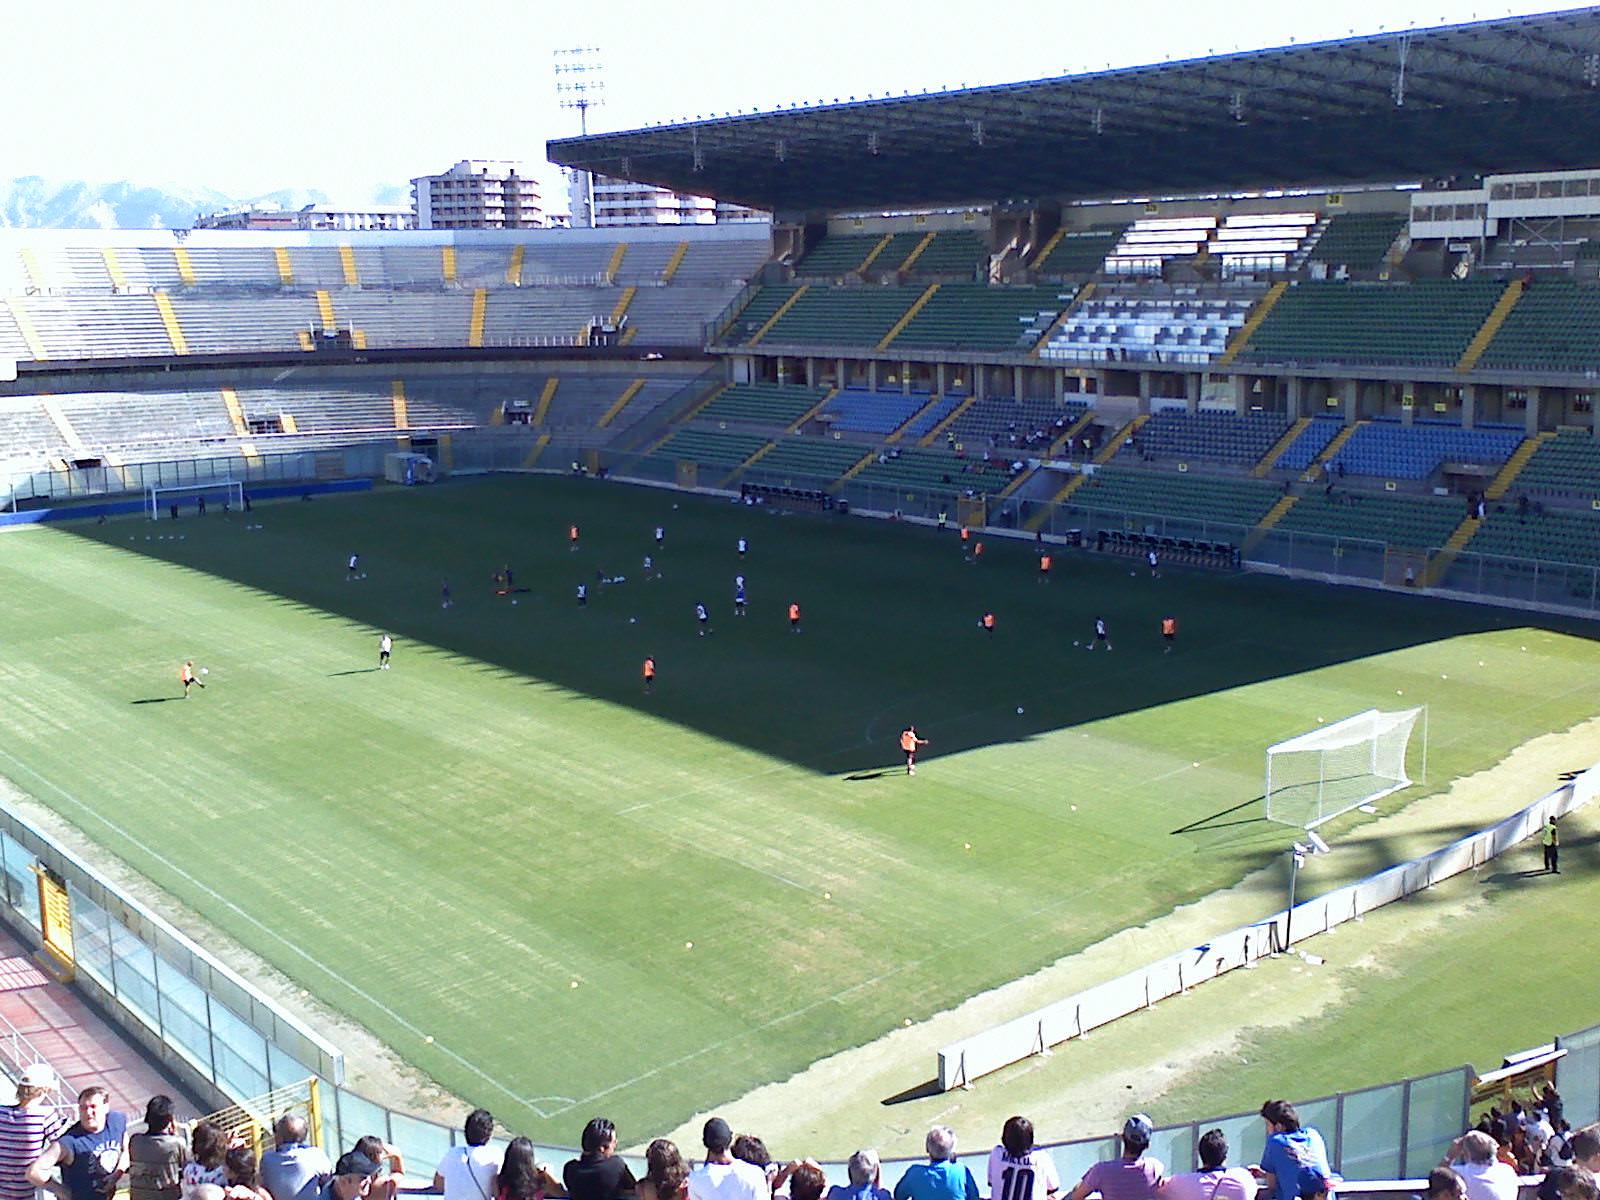 Palermo calcio, giocatore Under 17 positivo: sospesi allenamenti settore giovanile